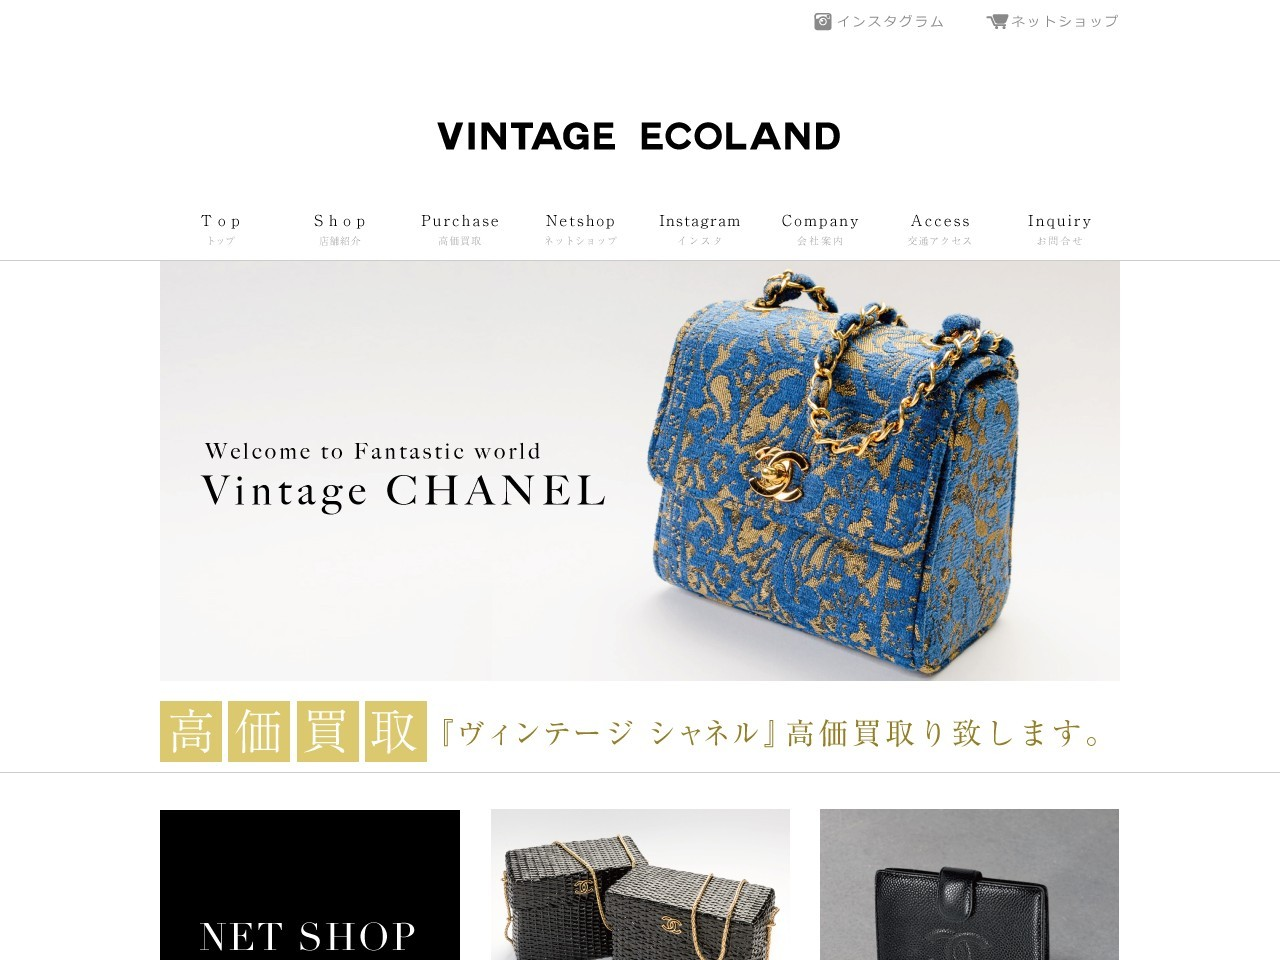 ヴィンテージ エコランド|ヴィンテージ シャネル・貴金属の高価買取 (愛知県名古屋市)